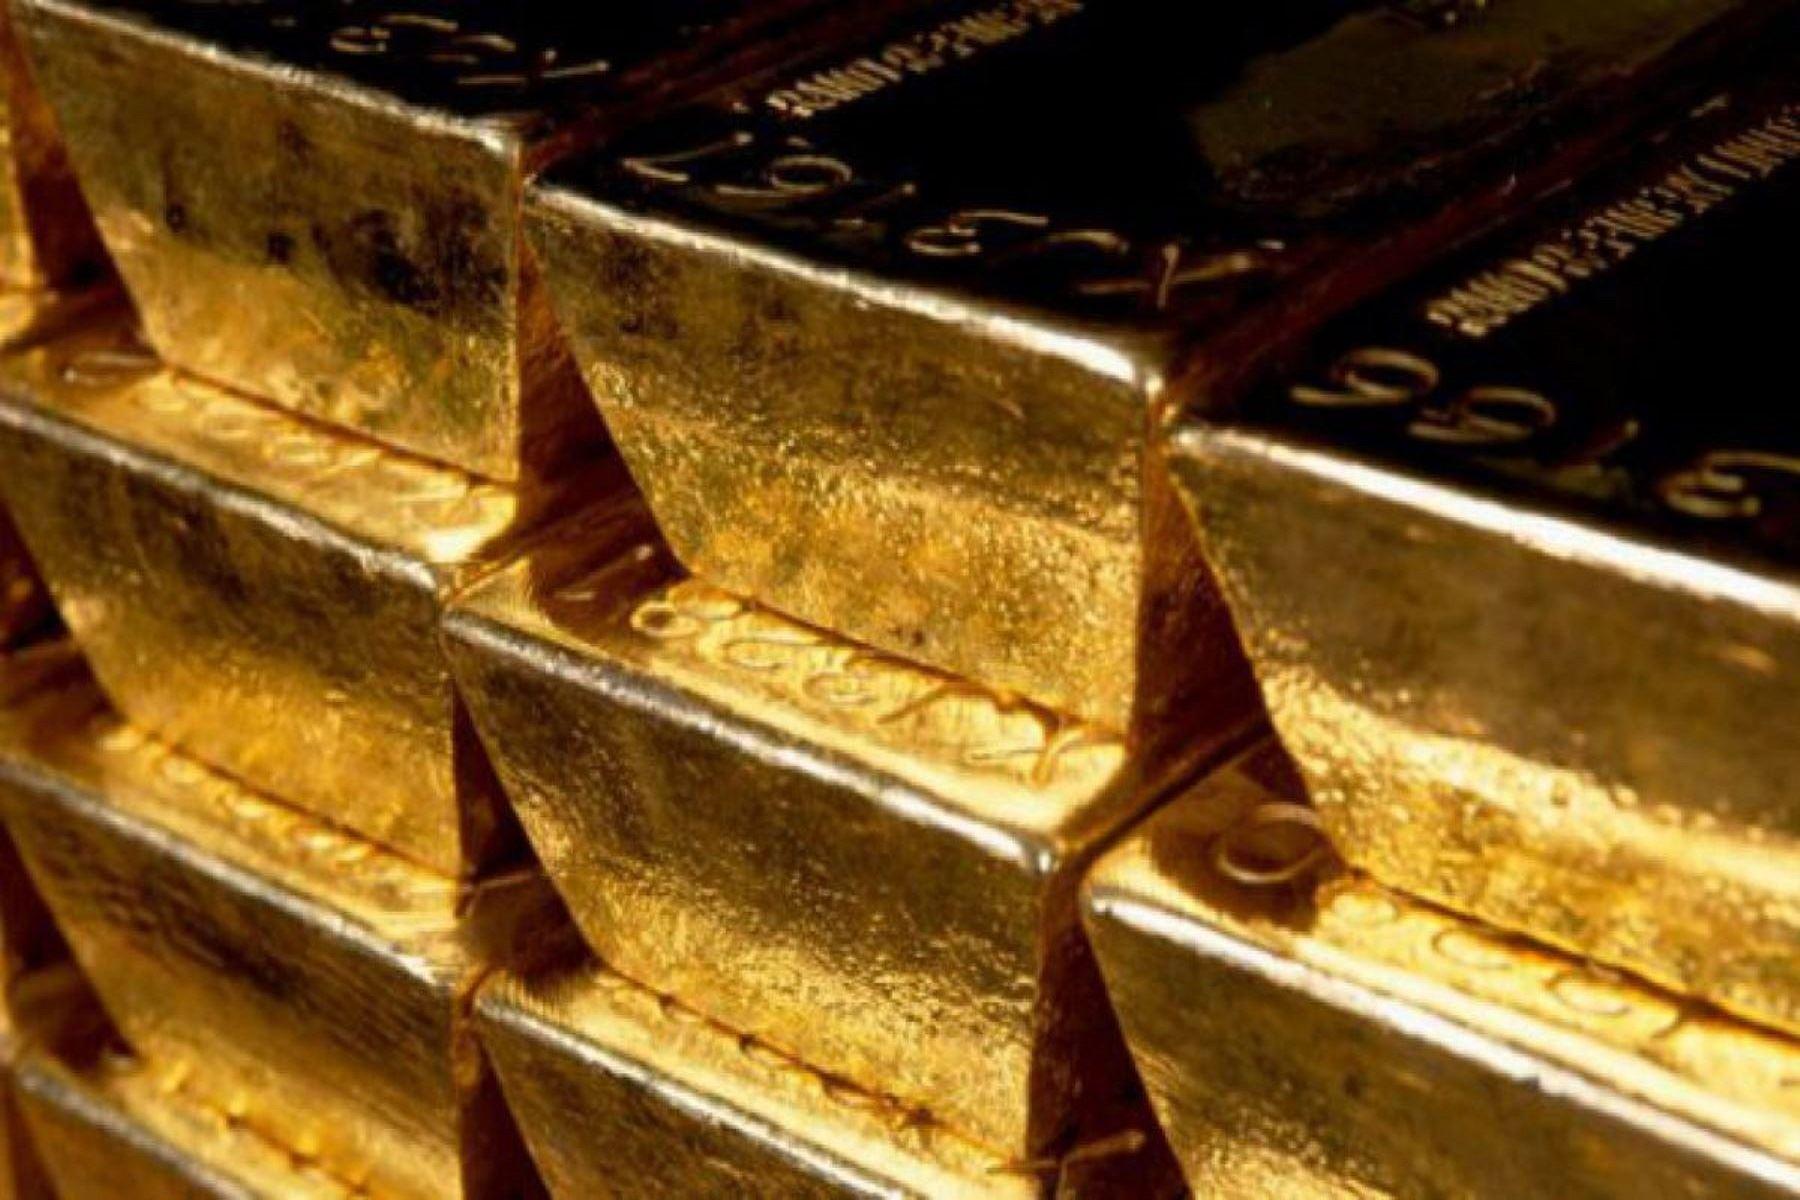 Exportaciones peruanas de oro crecieron 8.3% en enero del presente año